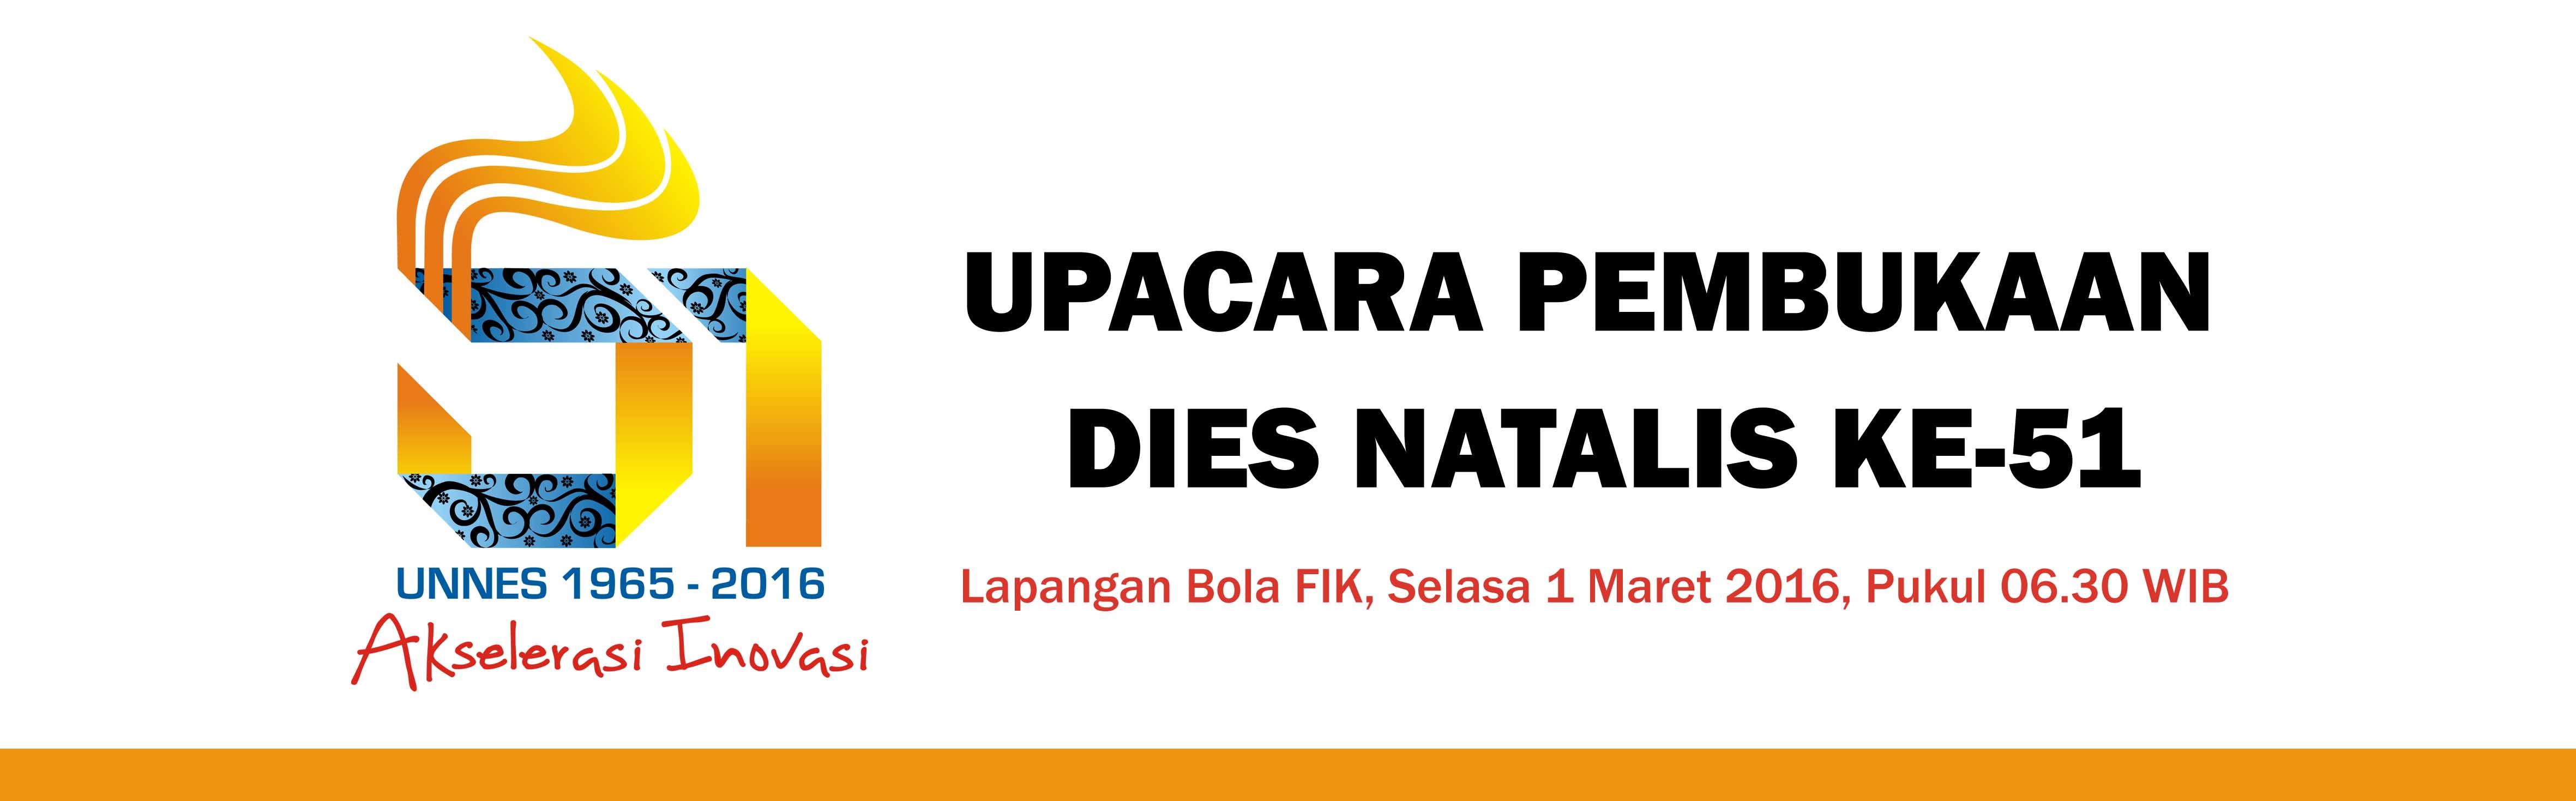 Besok, Pembukaan Dies Natalis ke-51 Dimeriahkan 1000 Penari